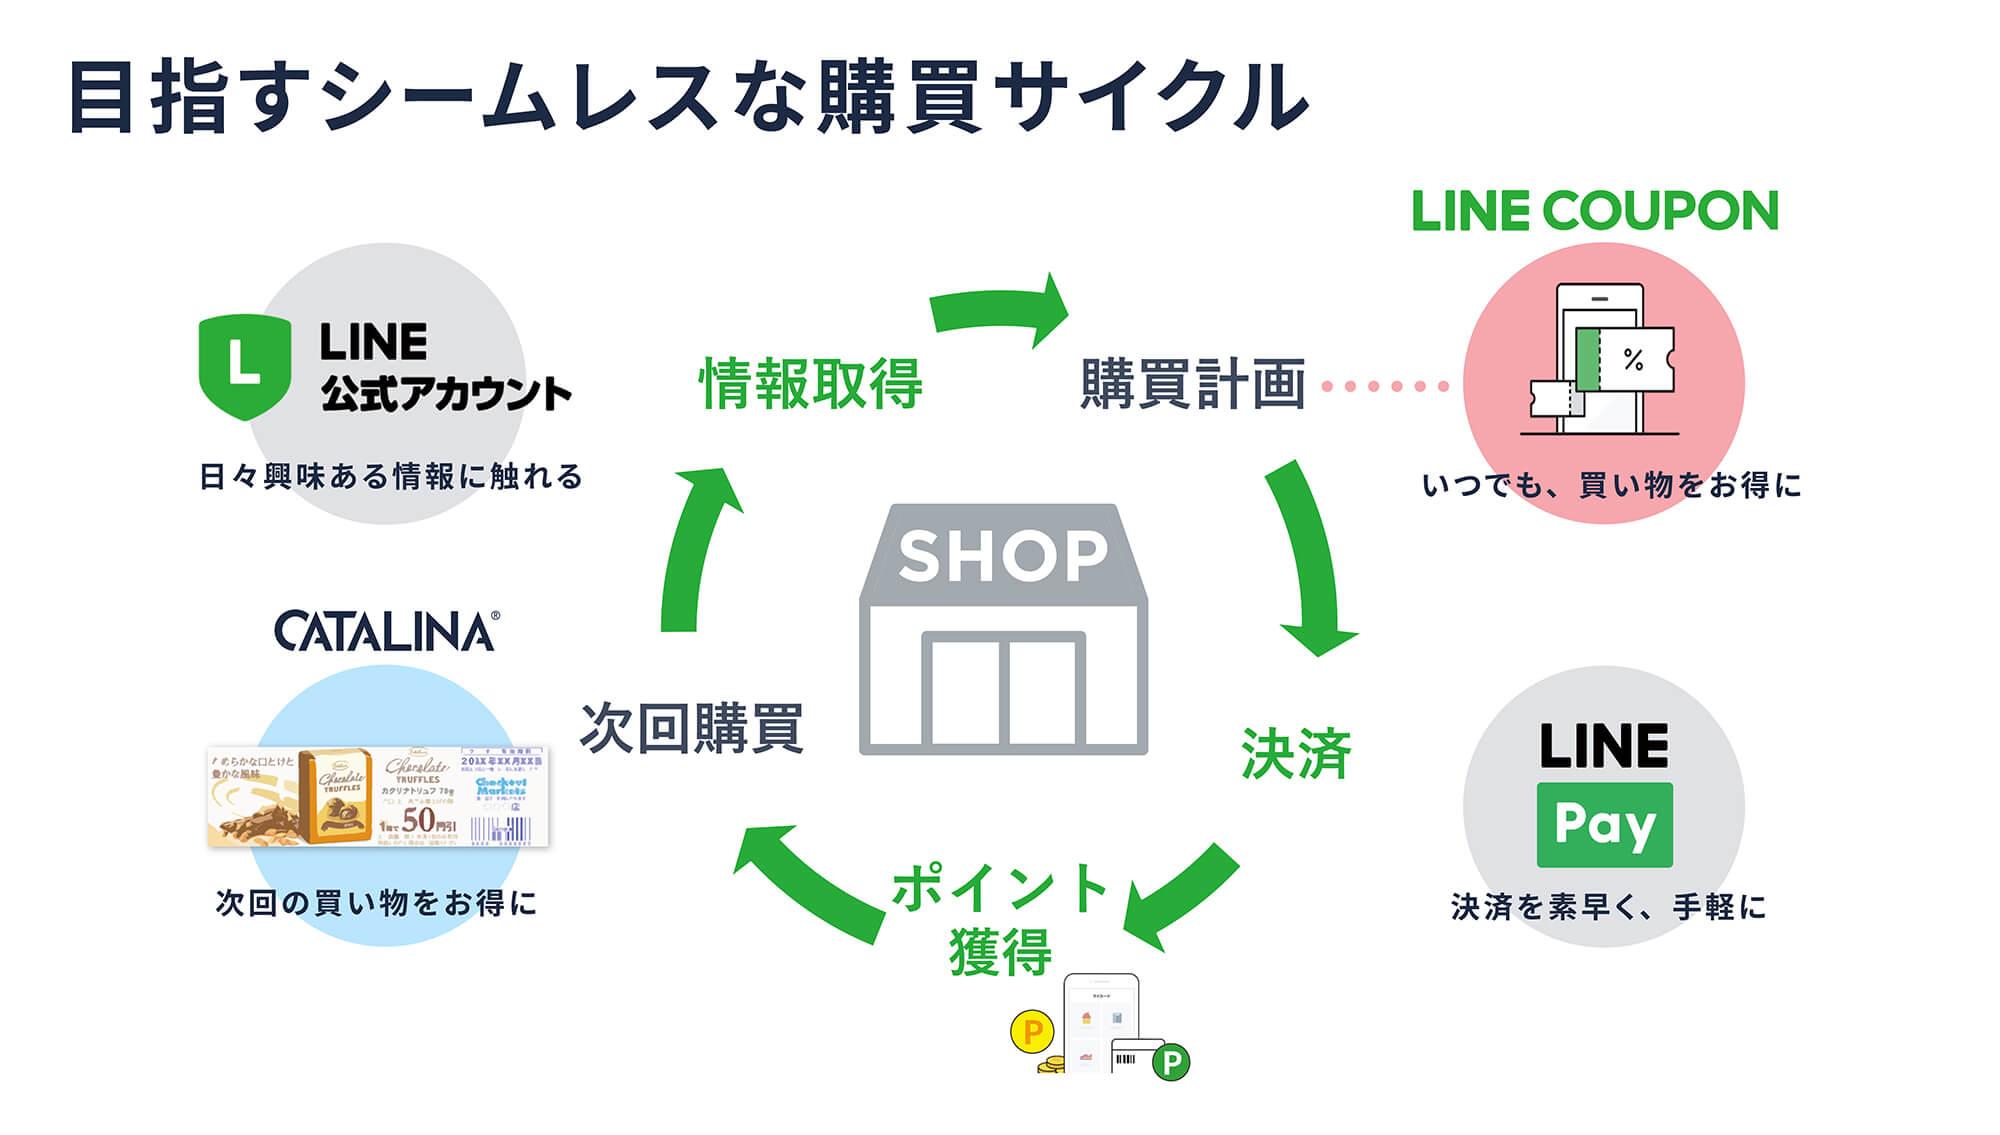 目指すシームレスな購買サイクル 図表